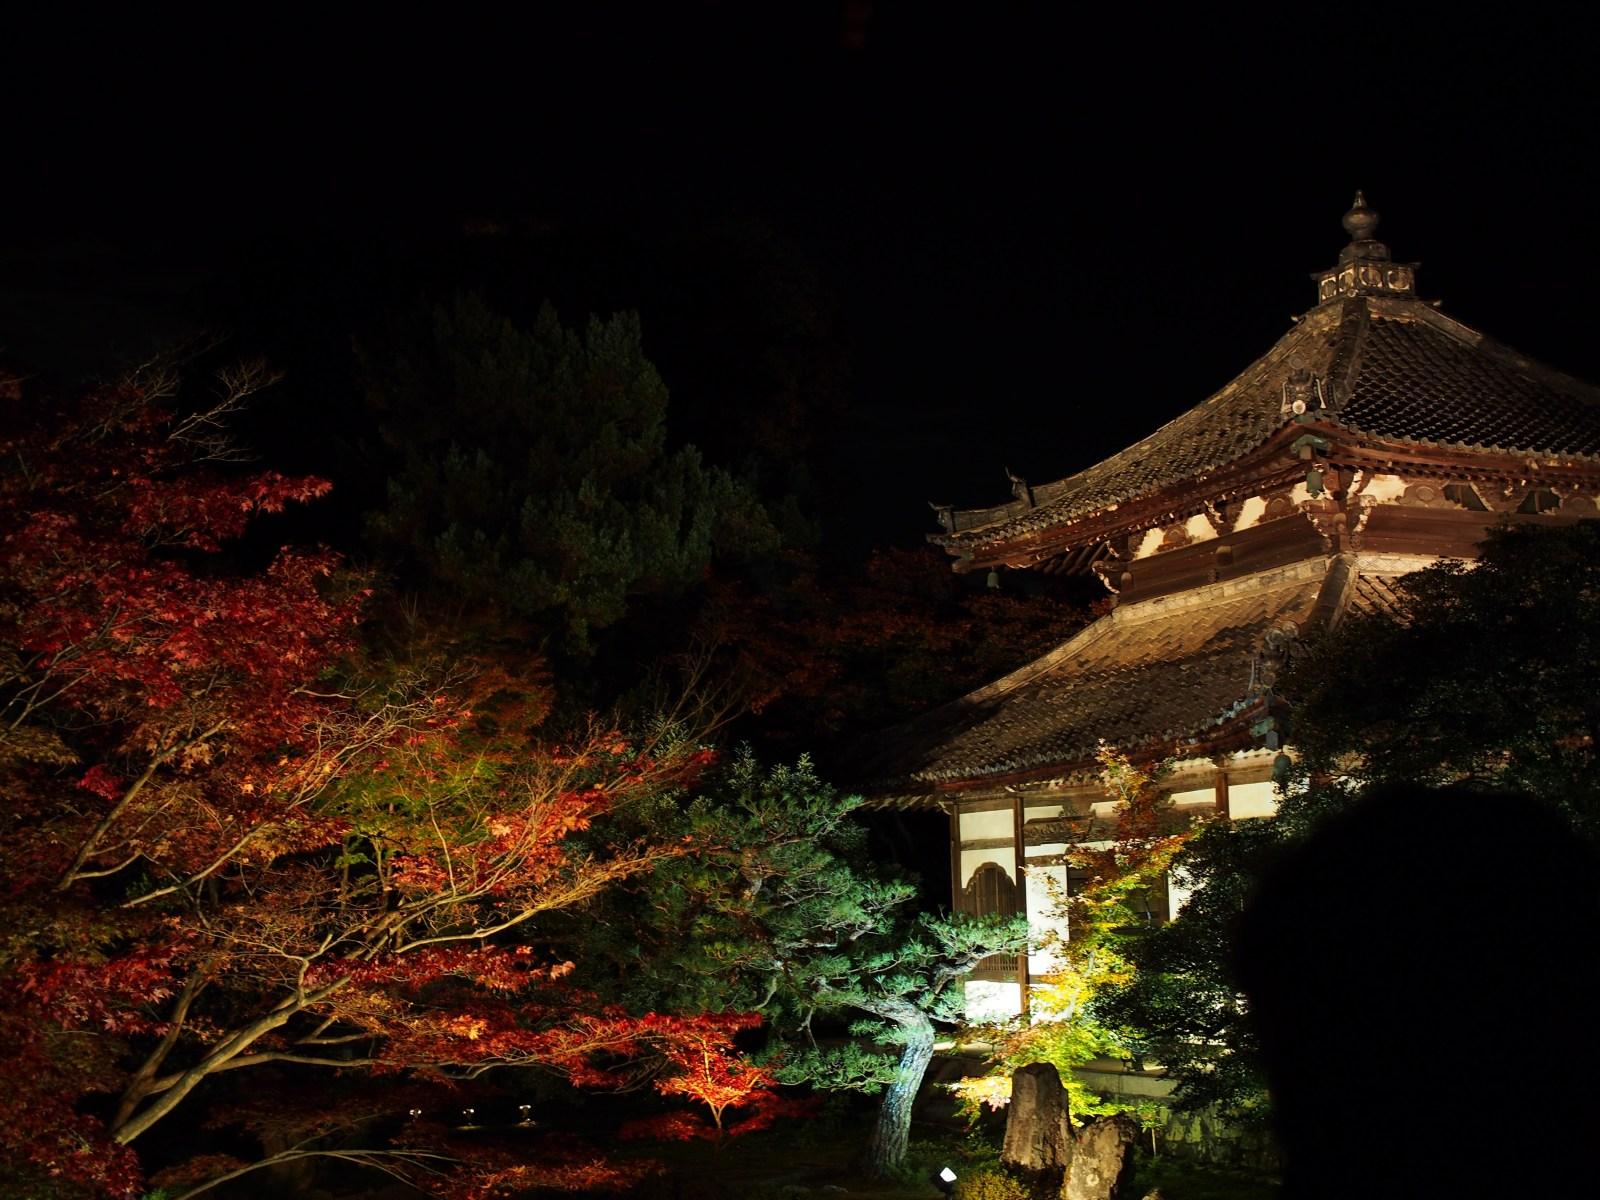 鹿王院夜間ライトアップ内覧会